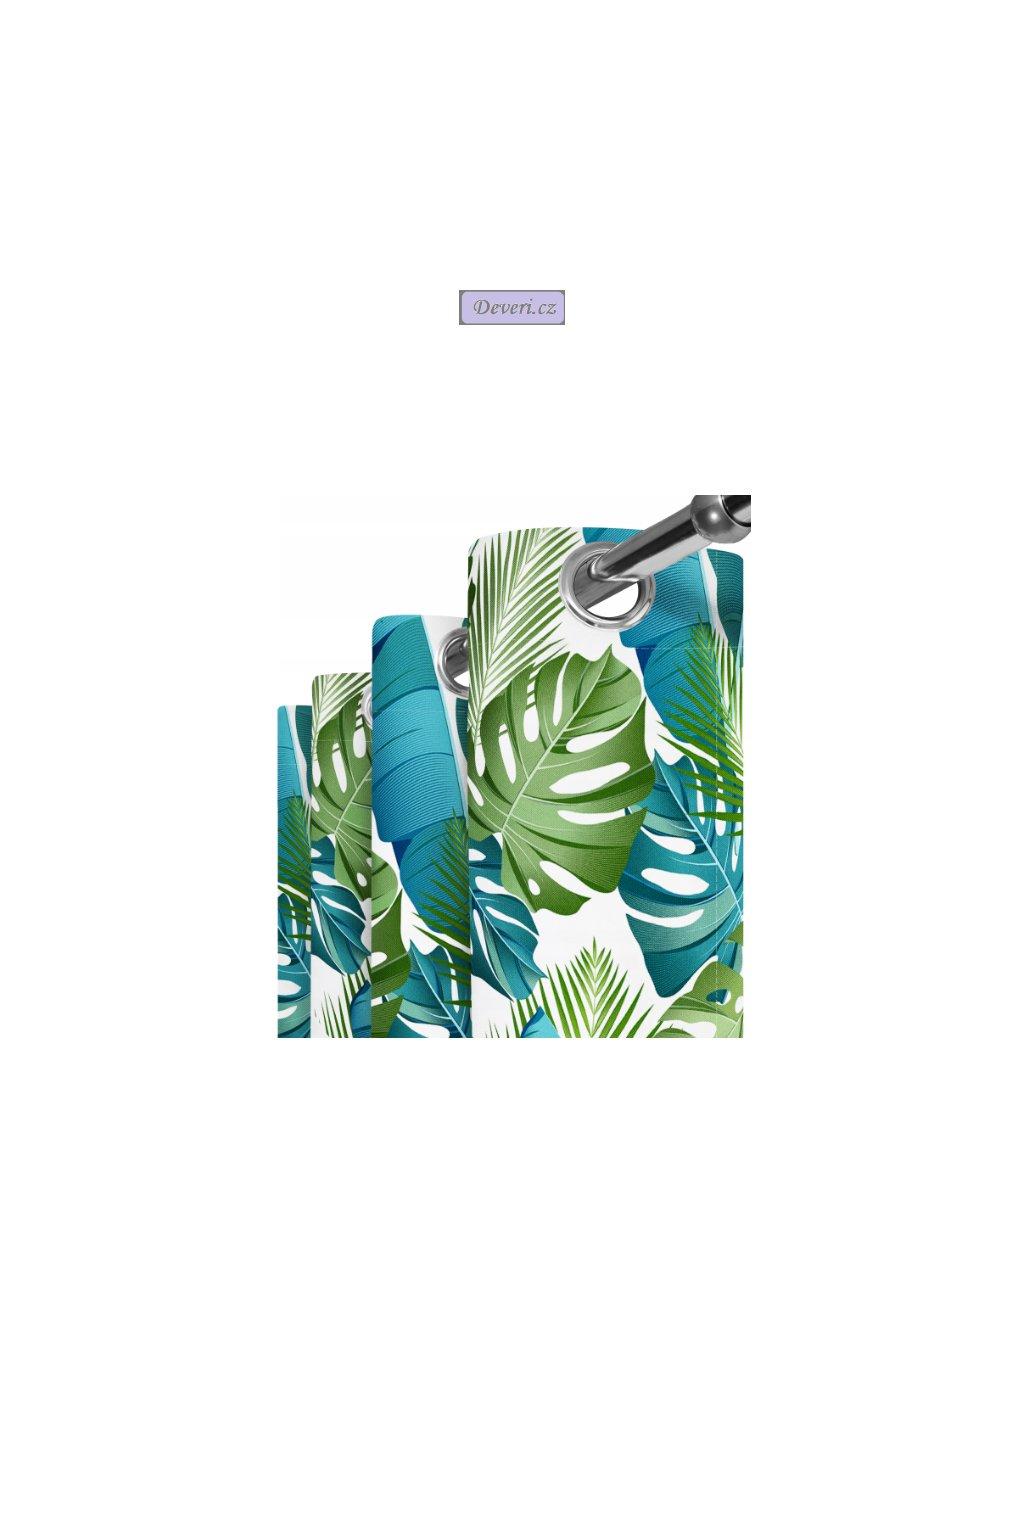 bílý s modro zelenými listy kroužky